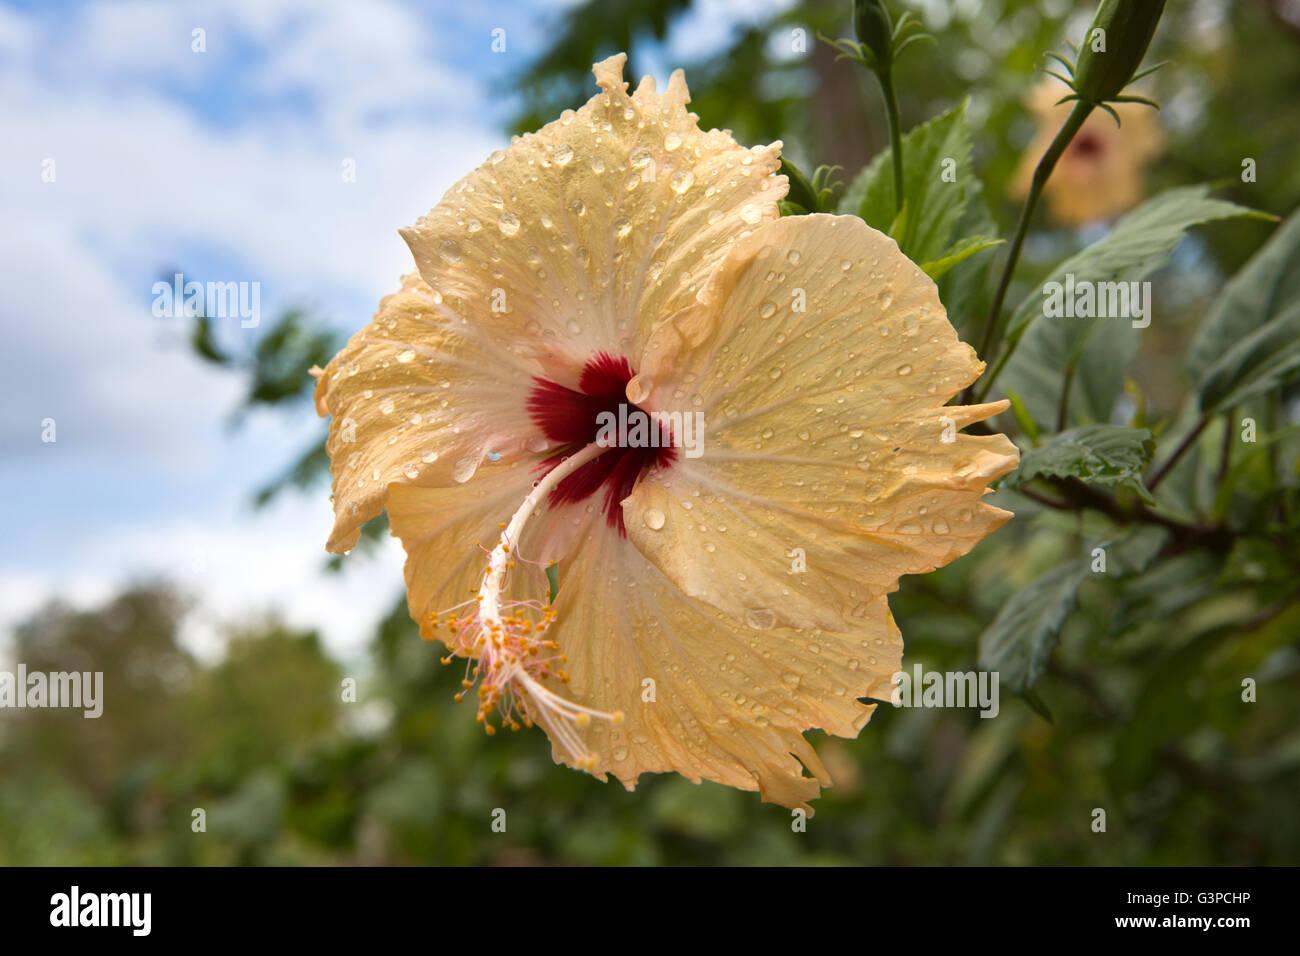 Sri Lanka, Kataragama, gouttes de pluie sur la fleur d'hibiscus orange pâle Photo Stock